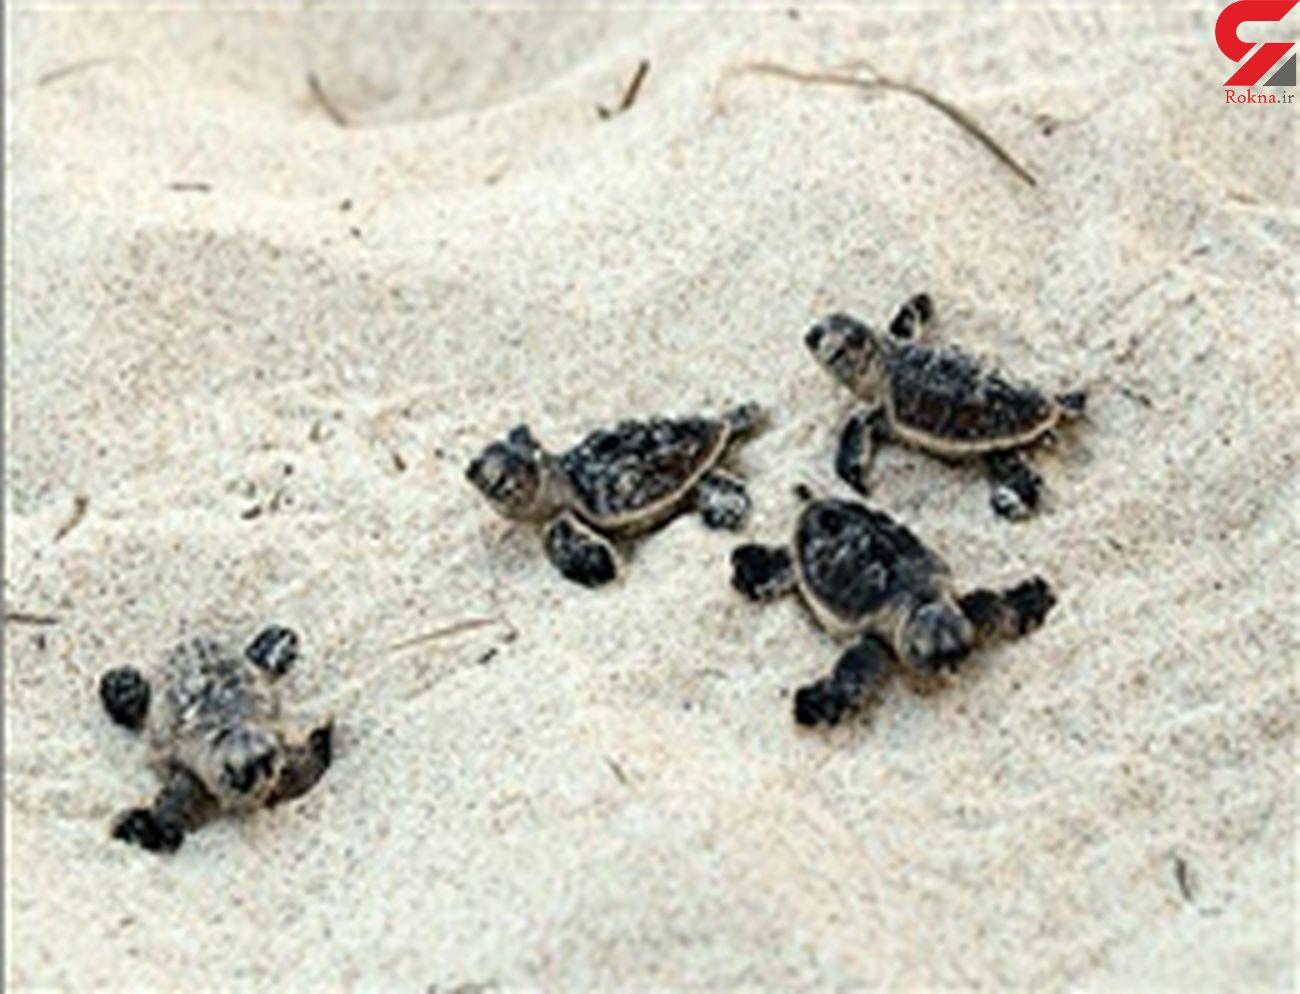 ۲۰۰ بچه لاکپشت پوزه عقابی راهی خلیج فارس شدند